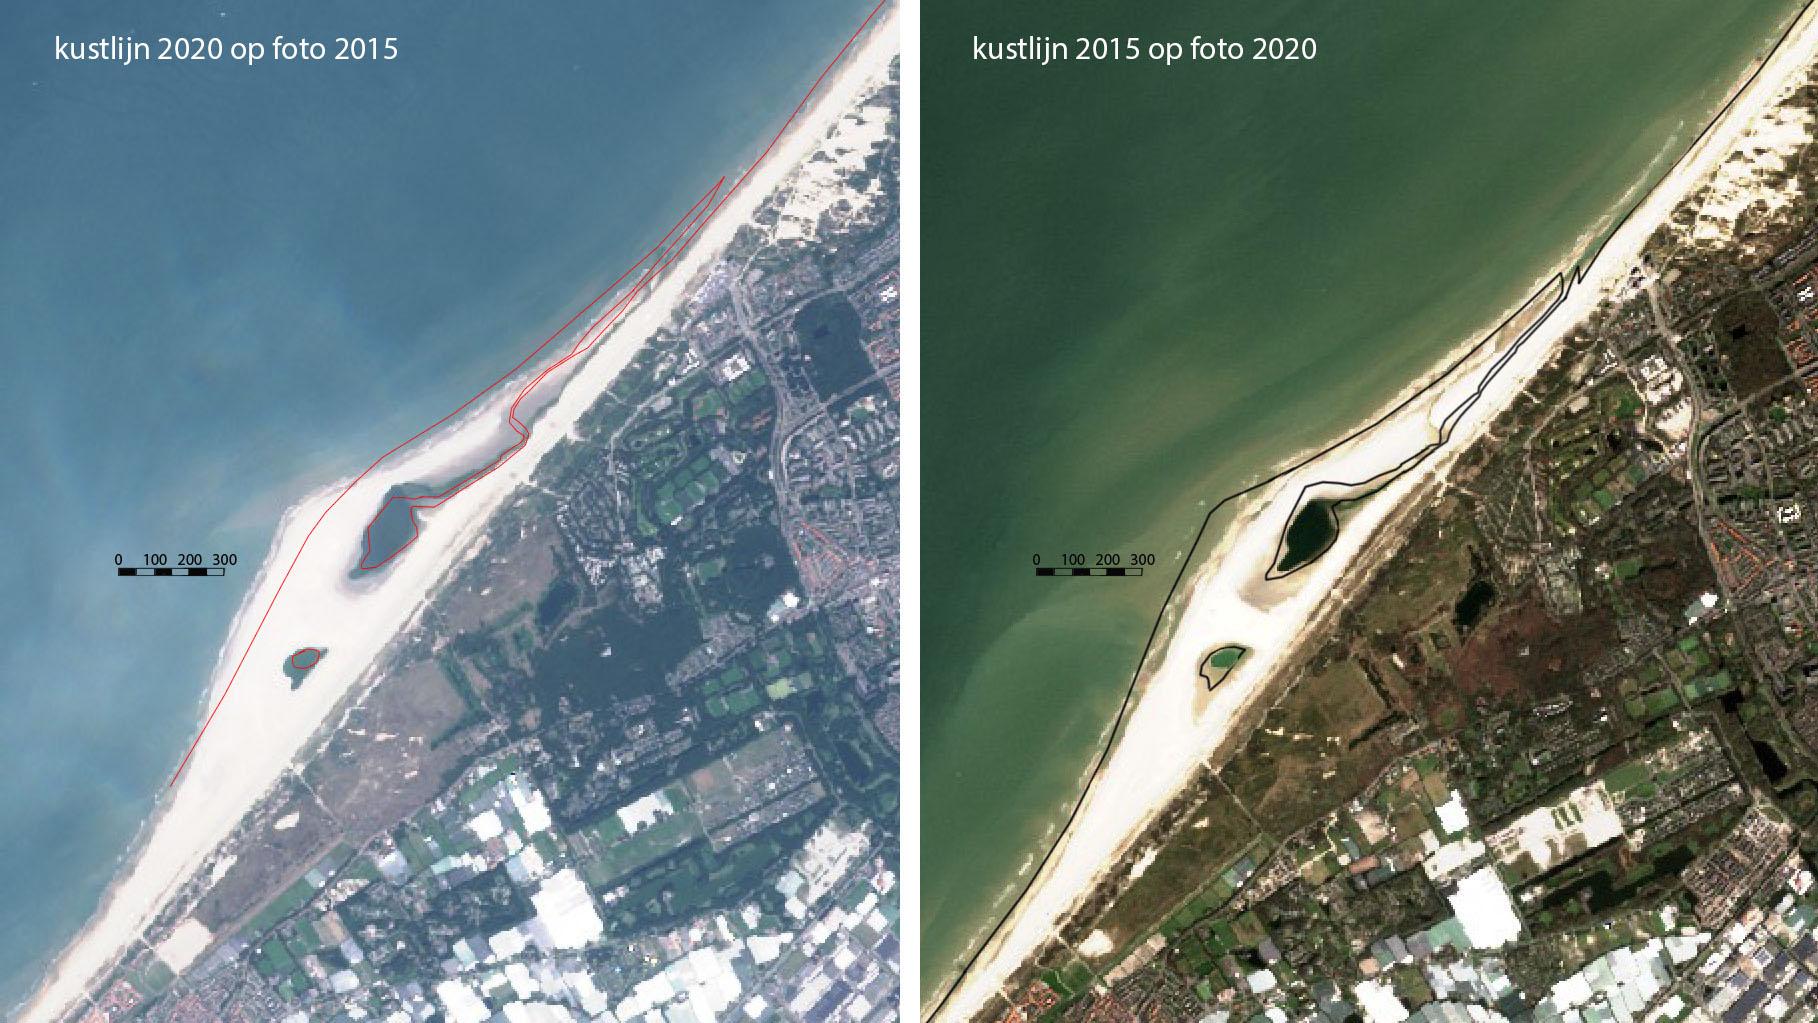 Satellietfoto van de Zandmotor voor de kust van Zuid Holland. Links een foto uit 2015 met daarop afgebeeld de kustlijn van 2020 en rechts de foto van 2020 met daarop de kustlijn van 2015.